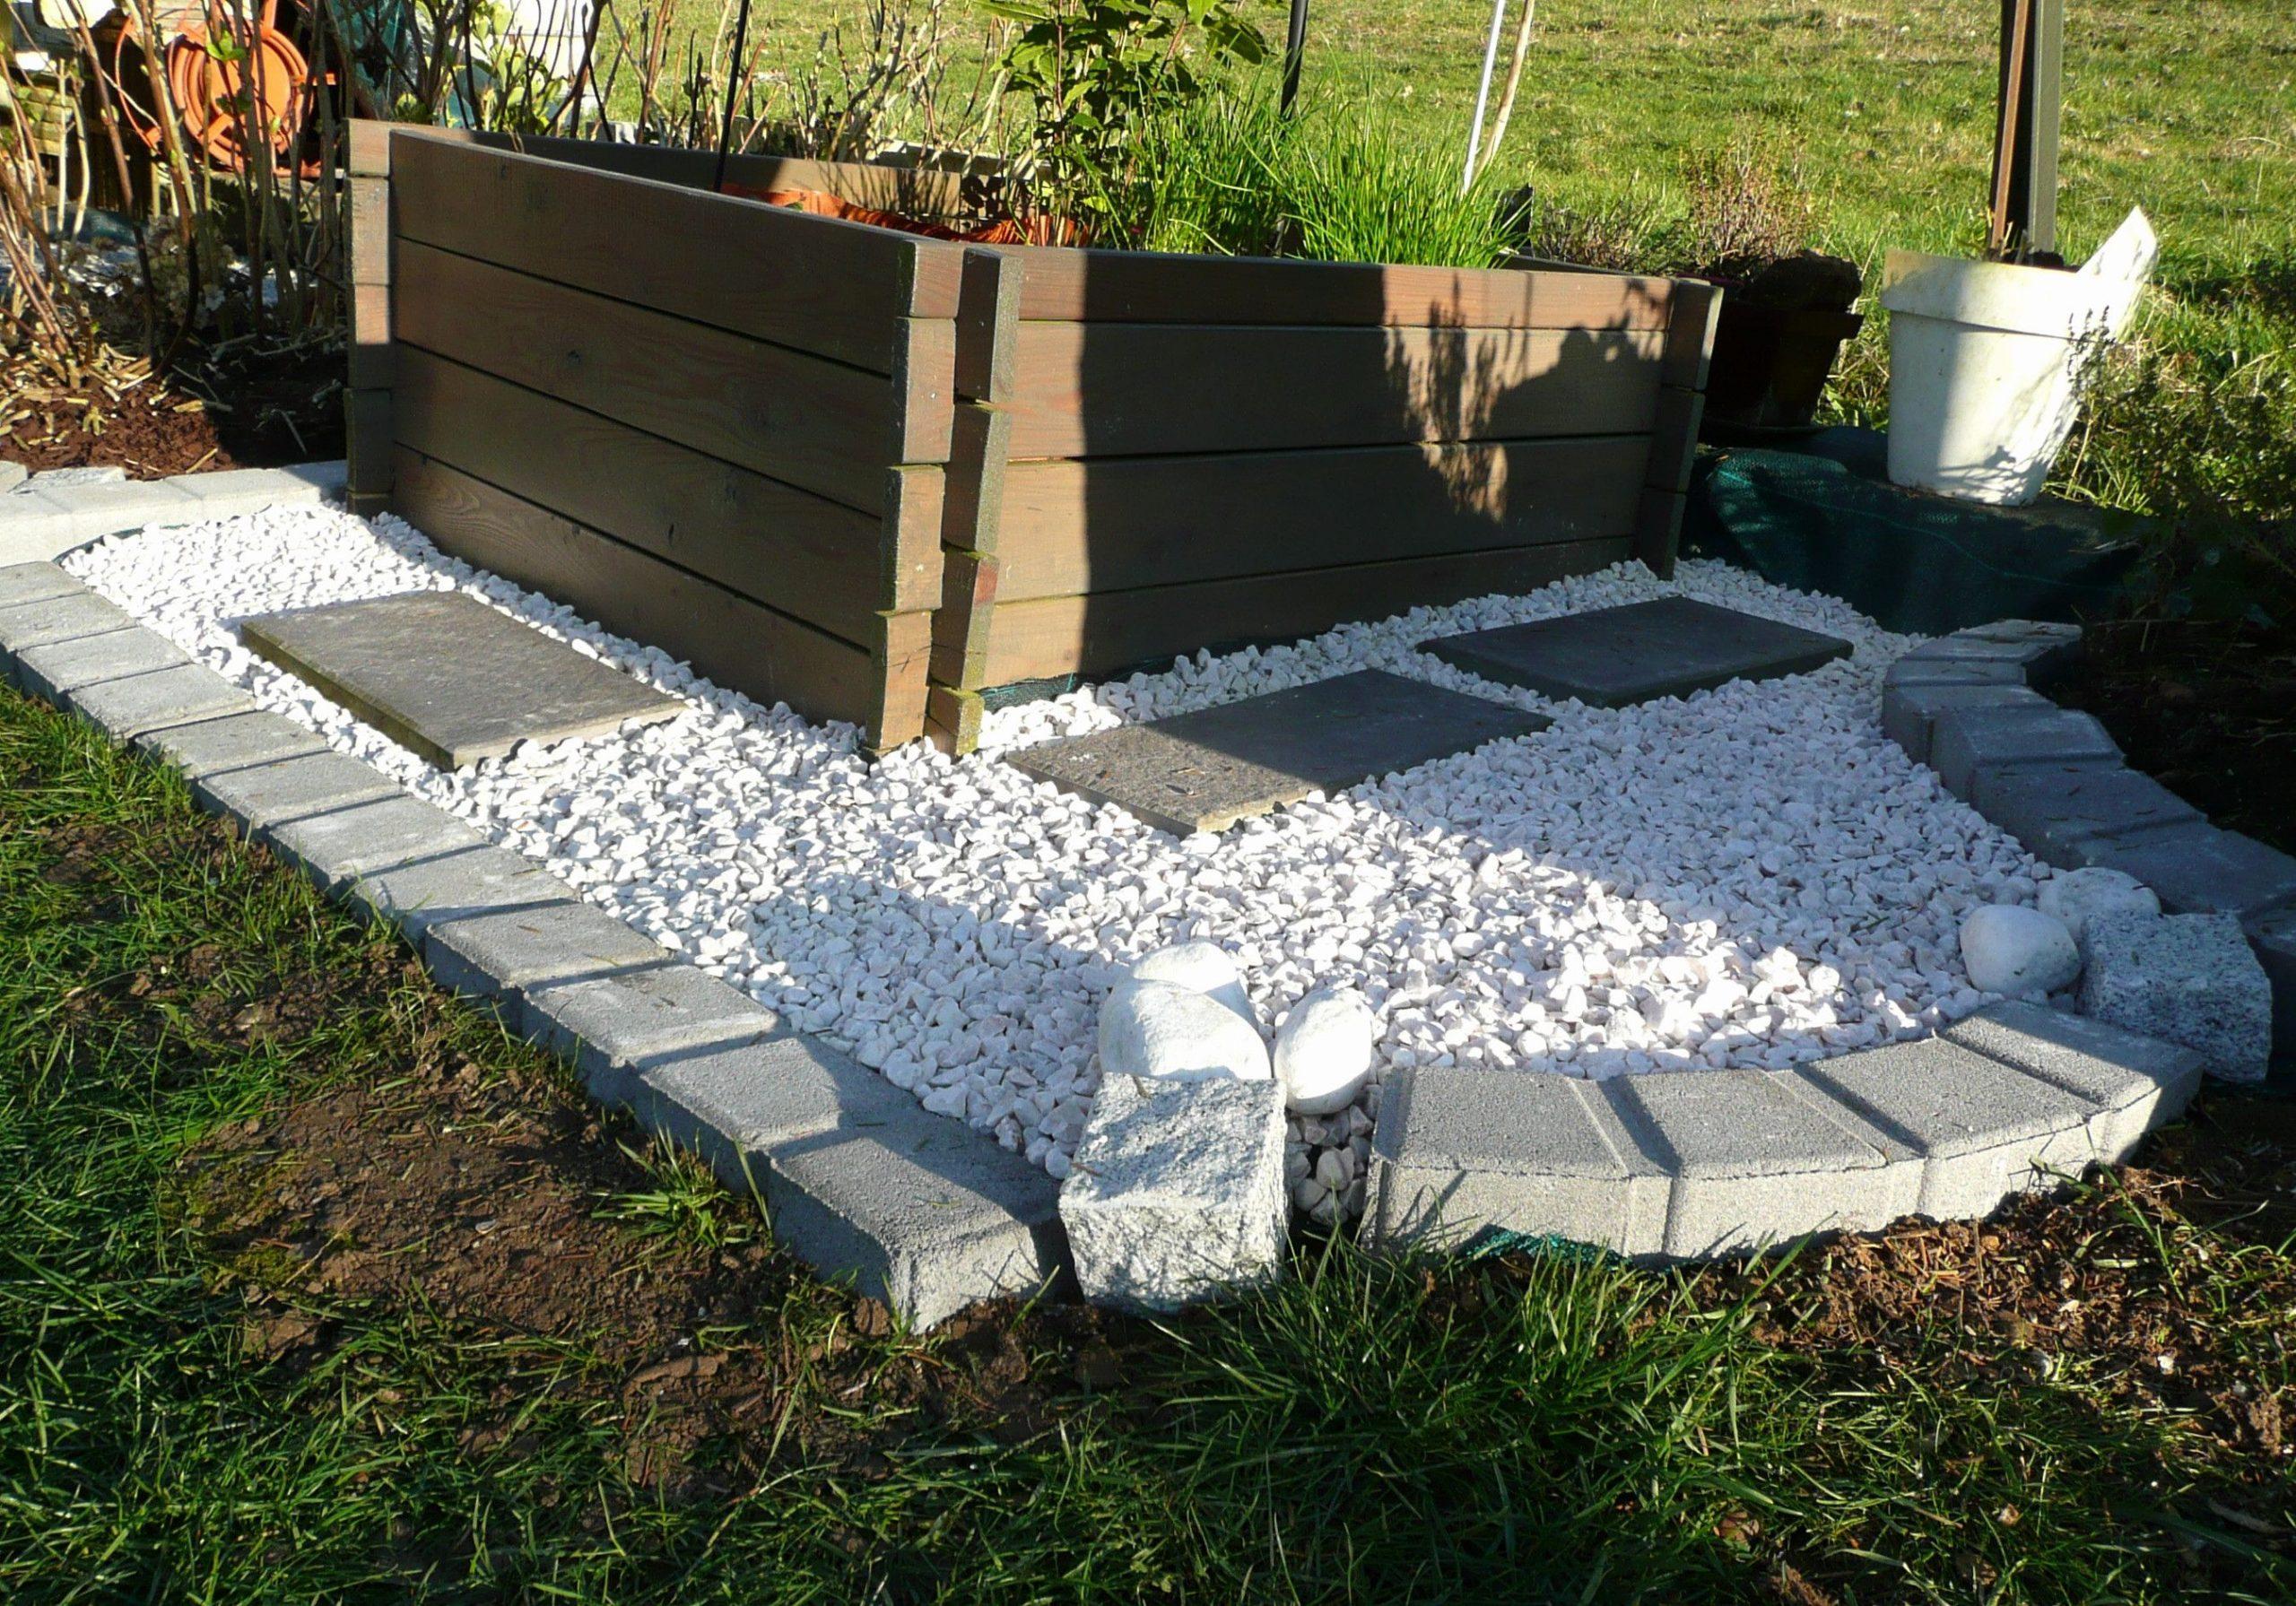 Cailloux Blanc Jardin Fresh Amenagement Jardin Avec Gravier ... concernant Jardin Avec Galets Blancs